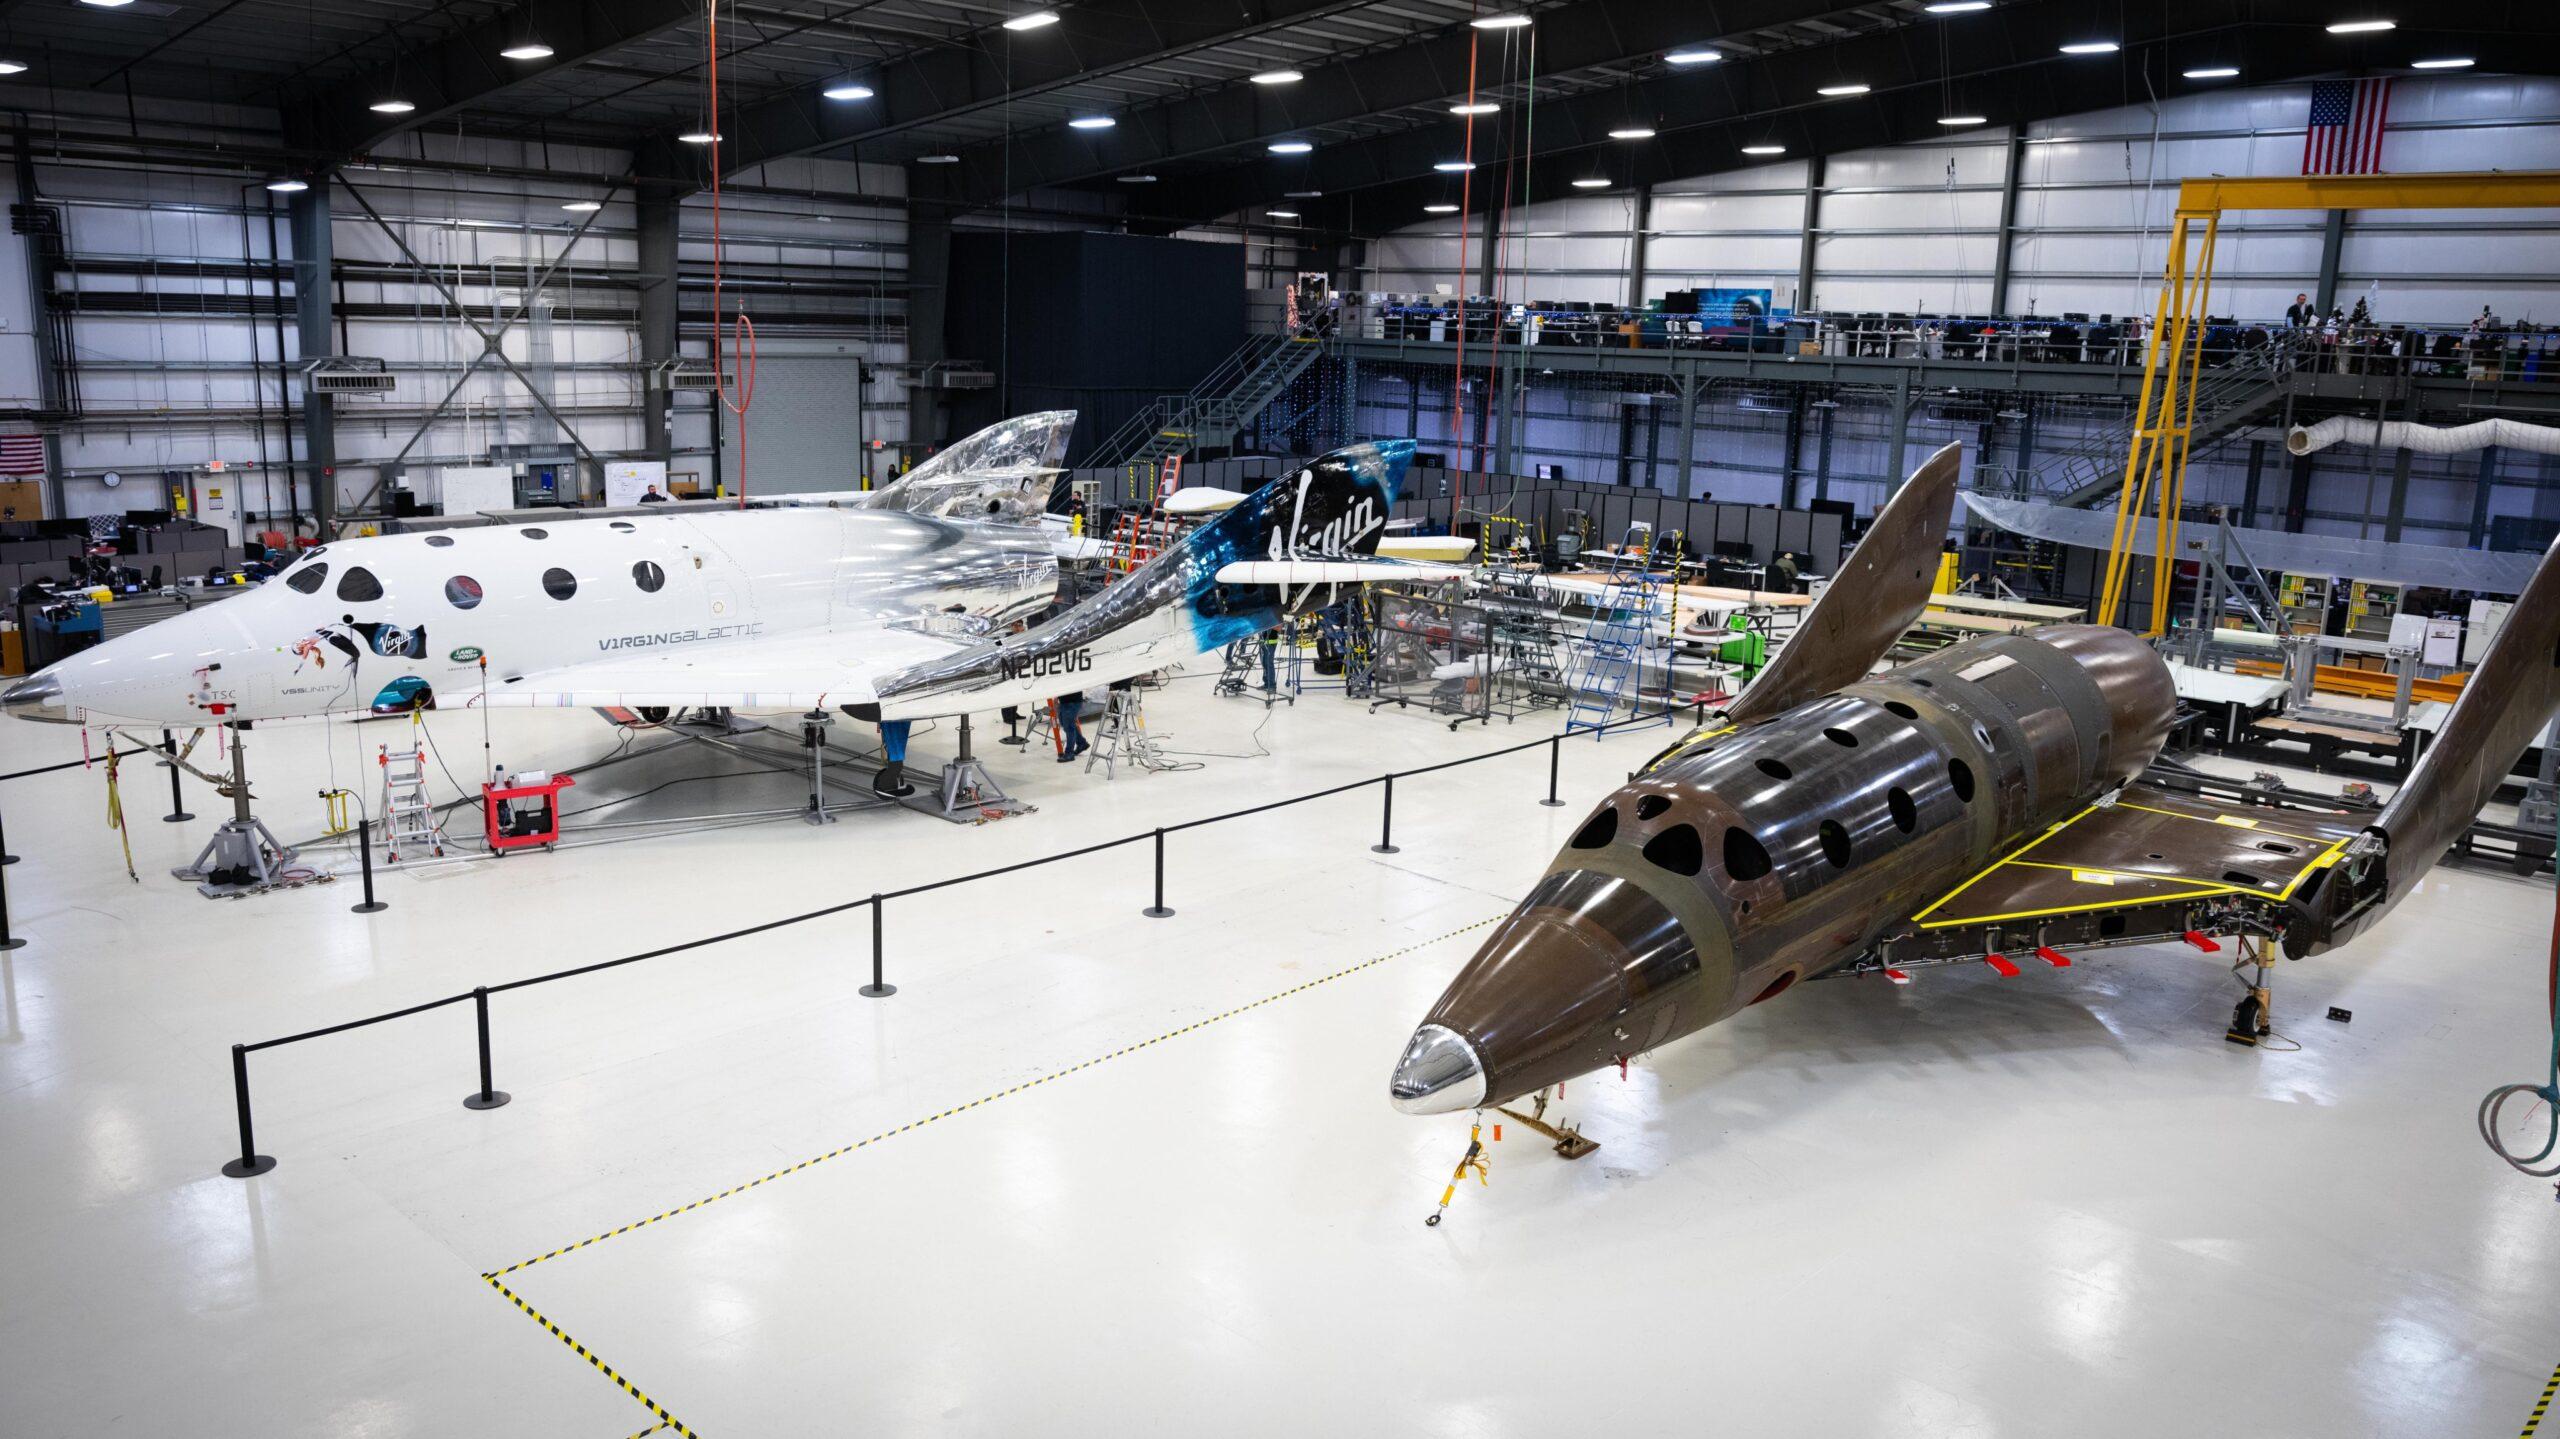 A sinistra la VSS Unity, a destra il secondo spazioplano in costruzione. Credits: Virgin Galactic